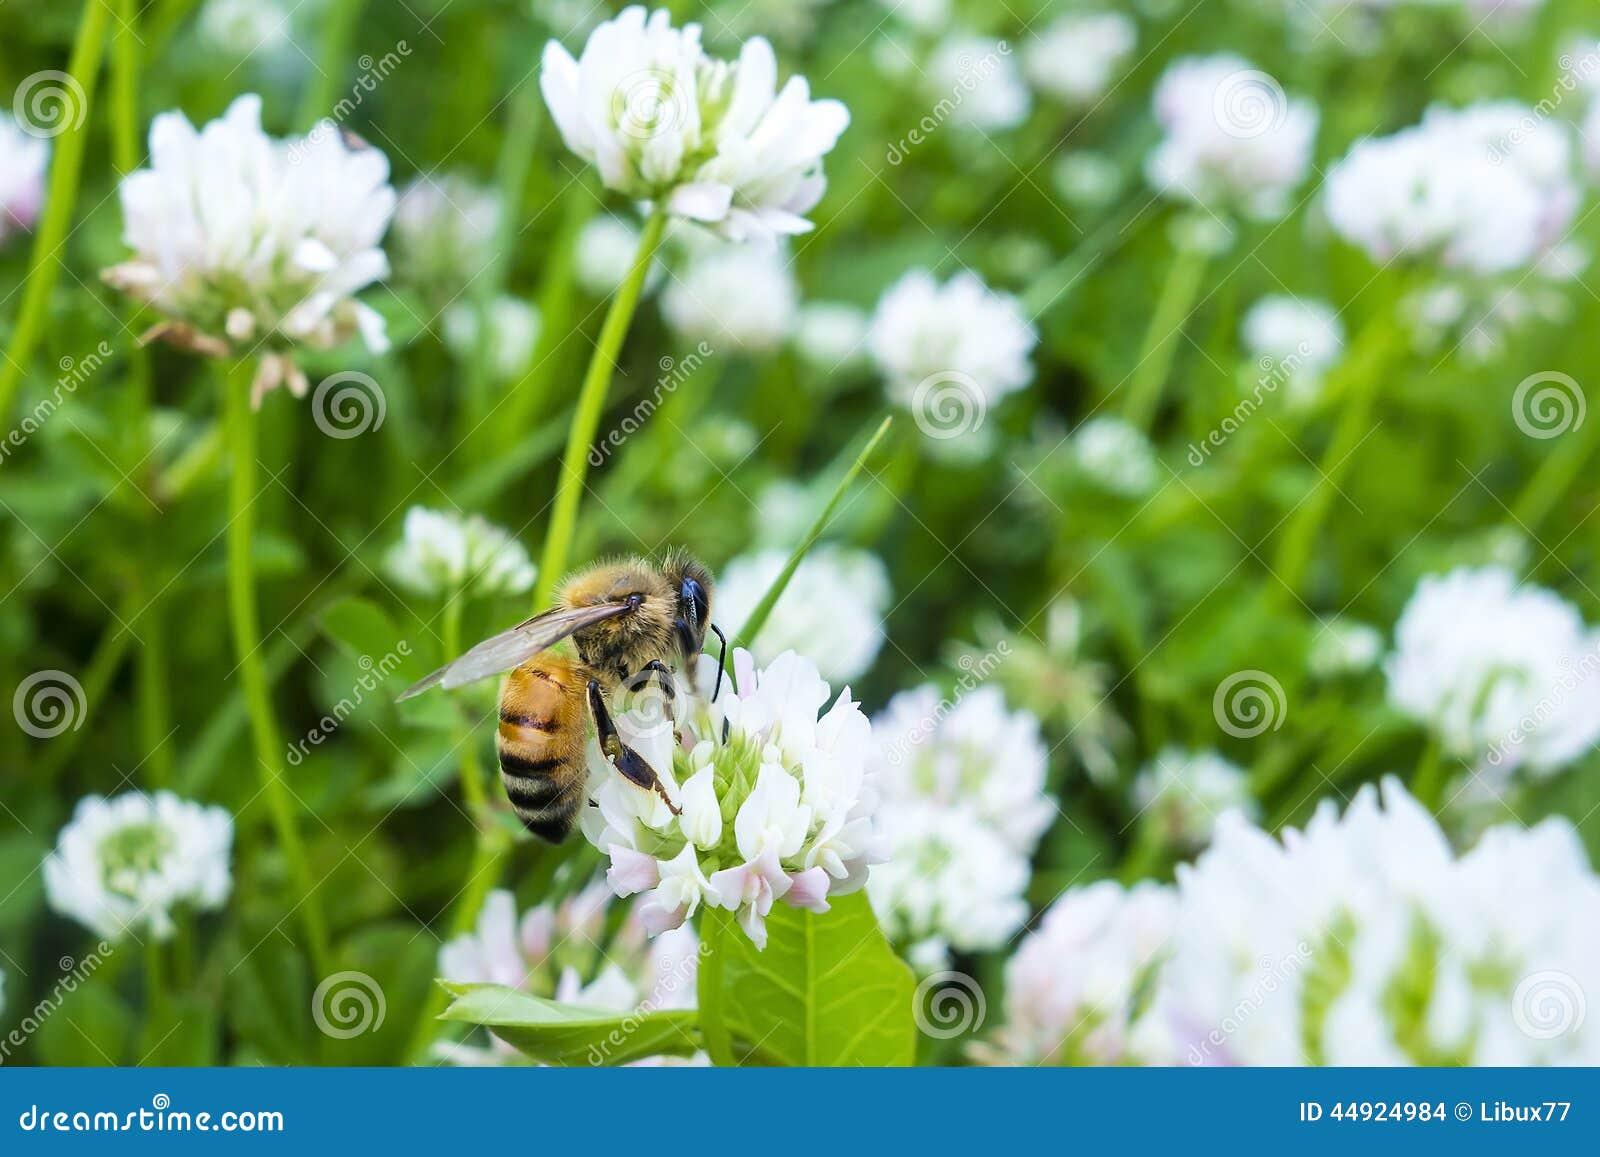 fleur d 39 abeille rassemblant le blanc vert de pollen photo stock image 44924984. Black Bedroom Furniture Sets. Home Design Ideas